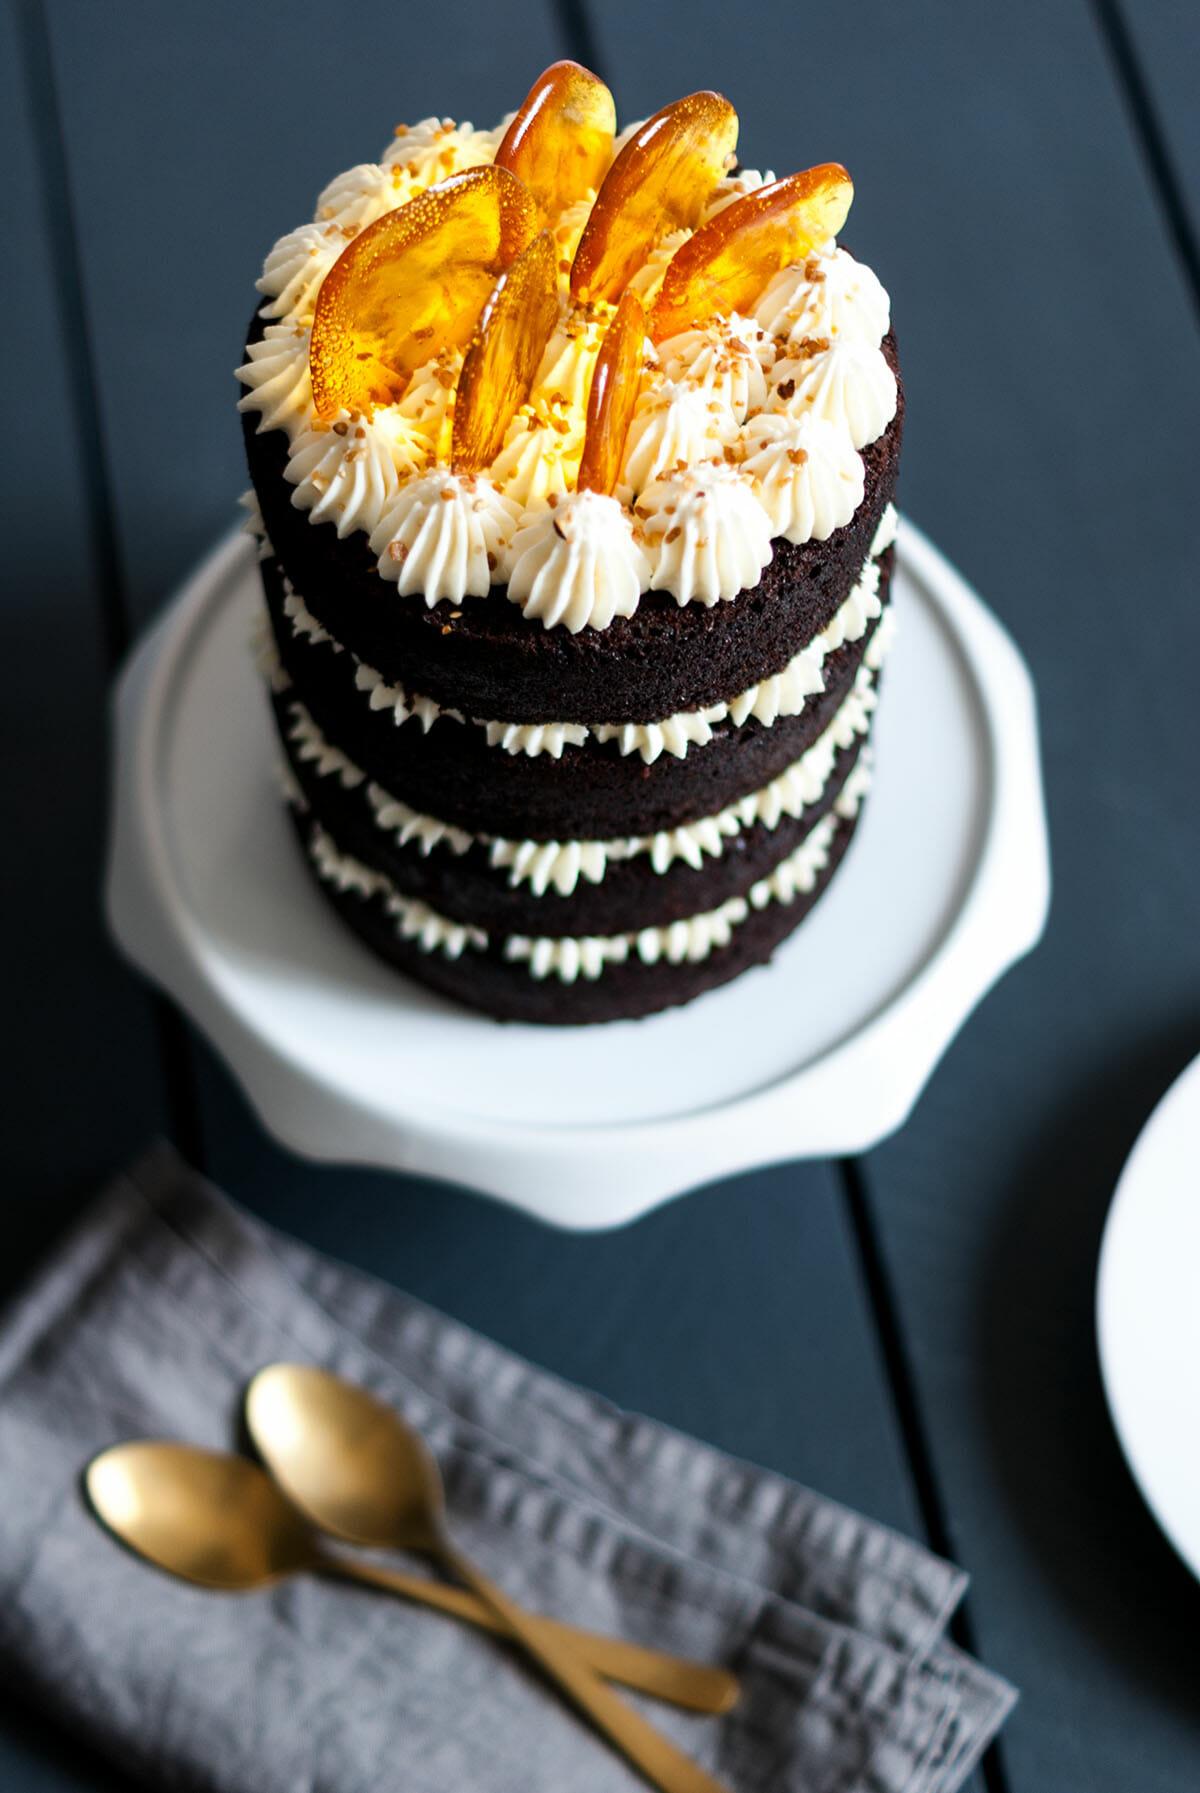 Naked cake chocolat vanille caramel | Lilie Bakery